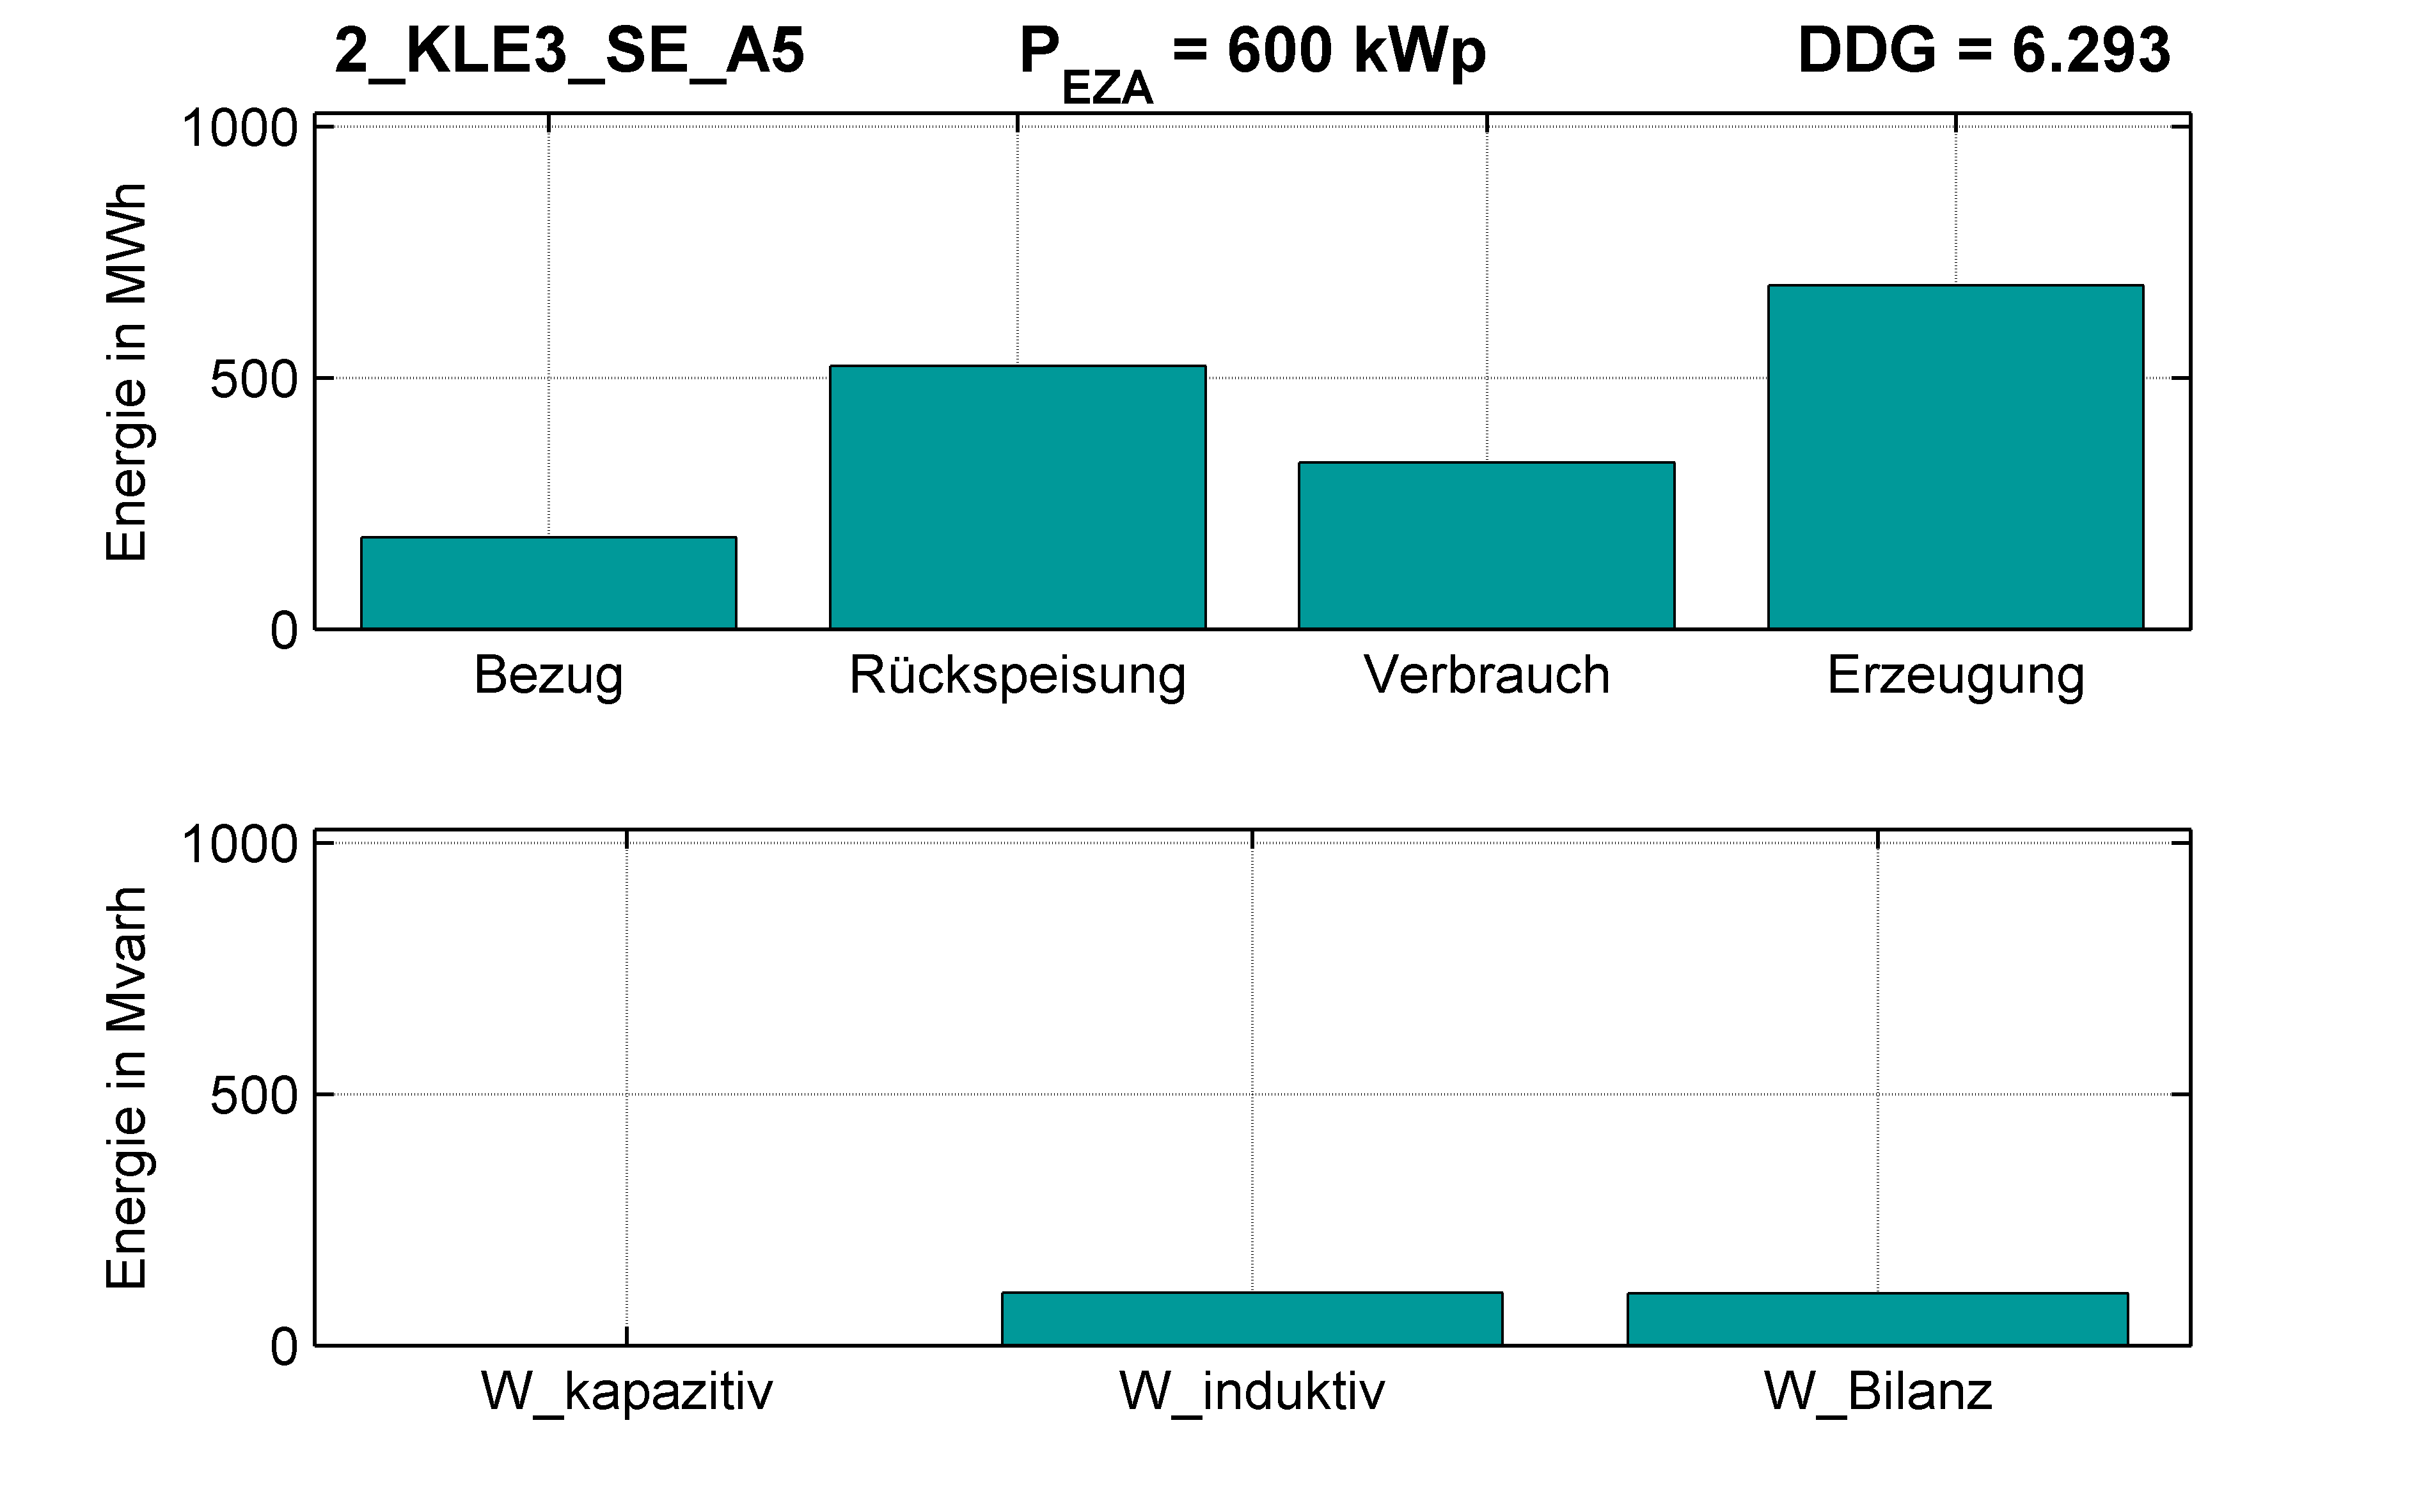 KLE3 | P-Kappung 85% (SE) A5 | PQ-Bilanz